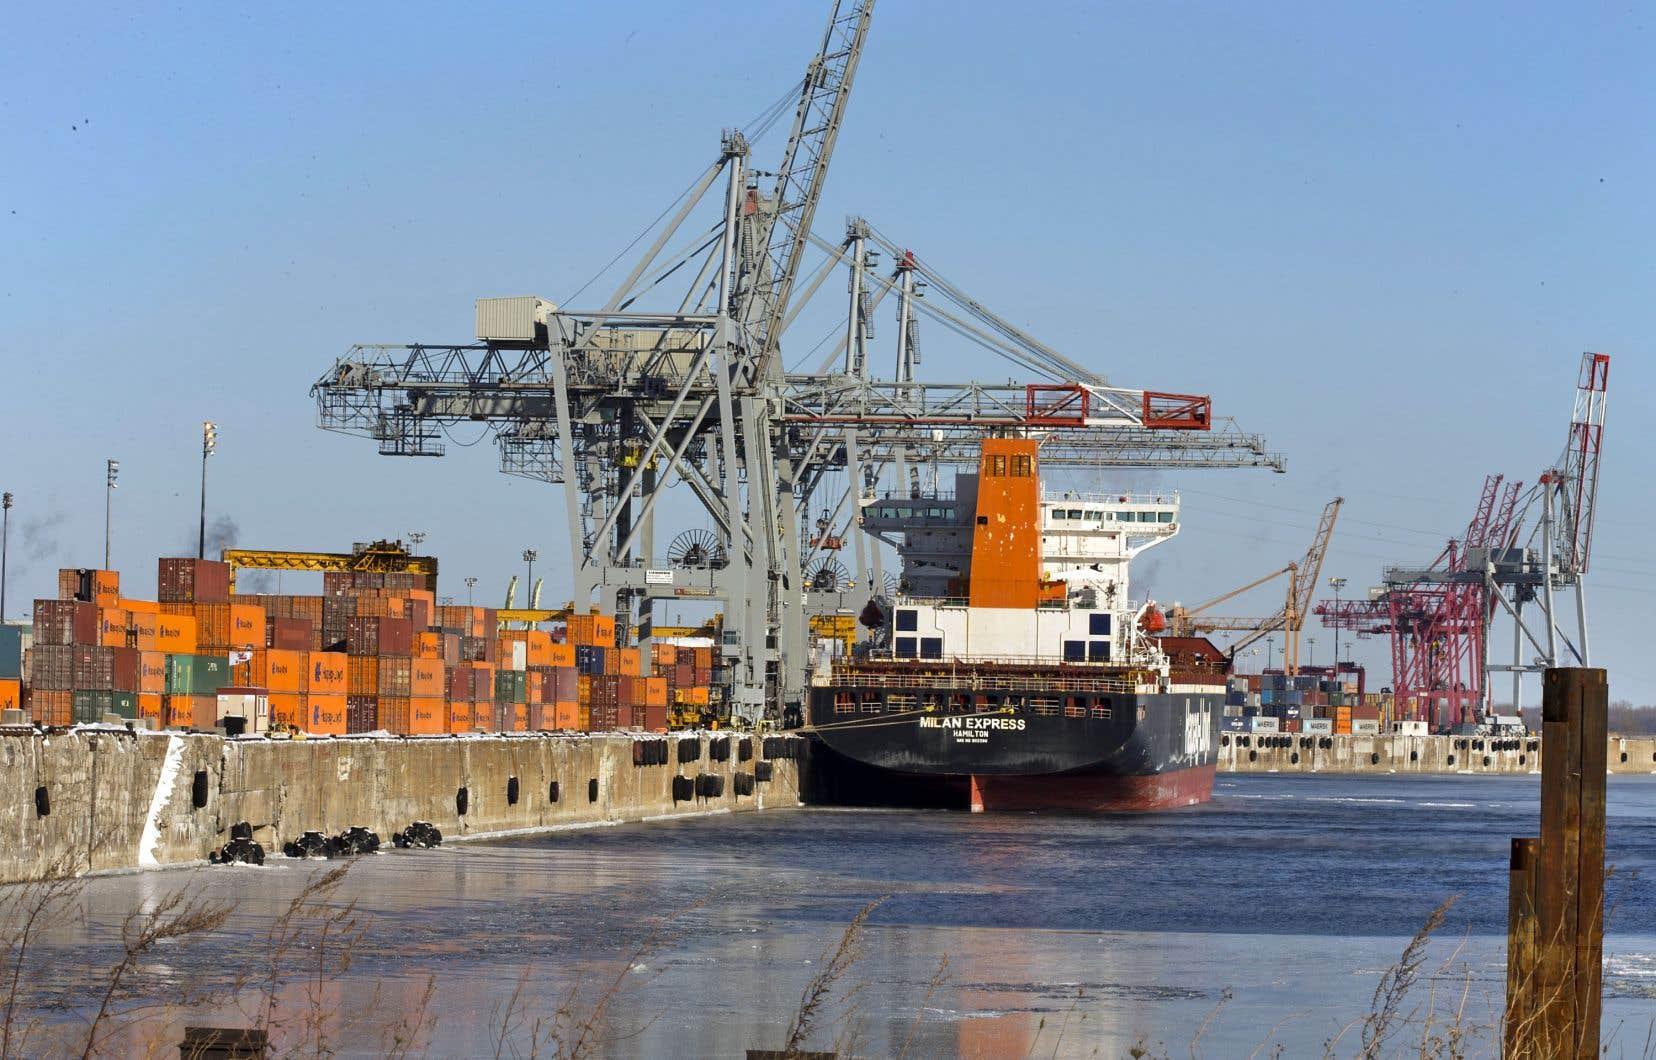 Le Port de Montréal prévoit de construire un terminal d'une capacité de un million et demi de conteneurs par année à Contrecœur.